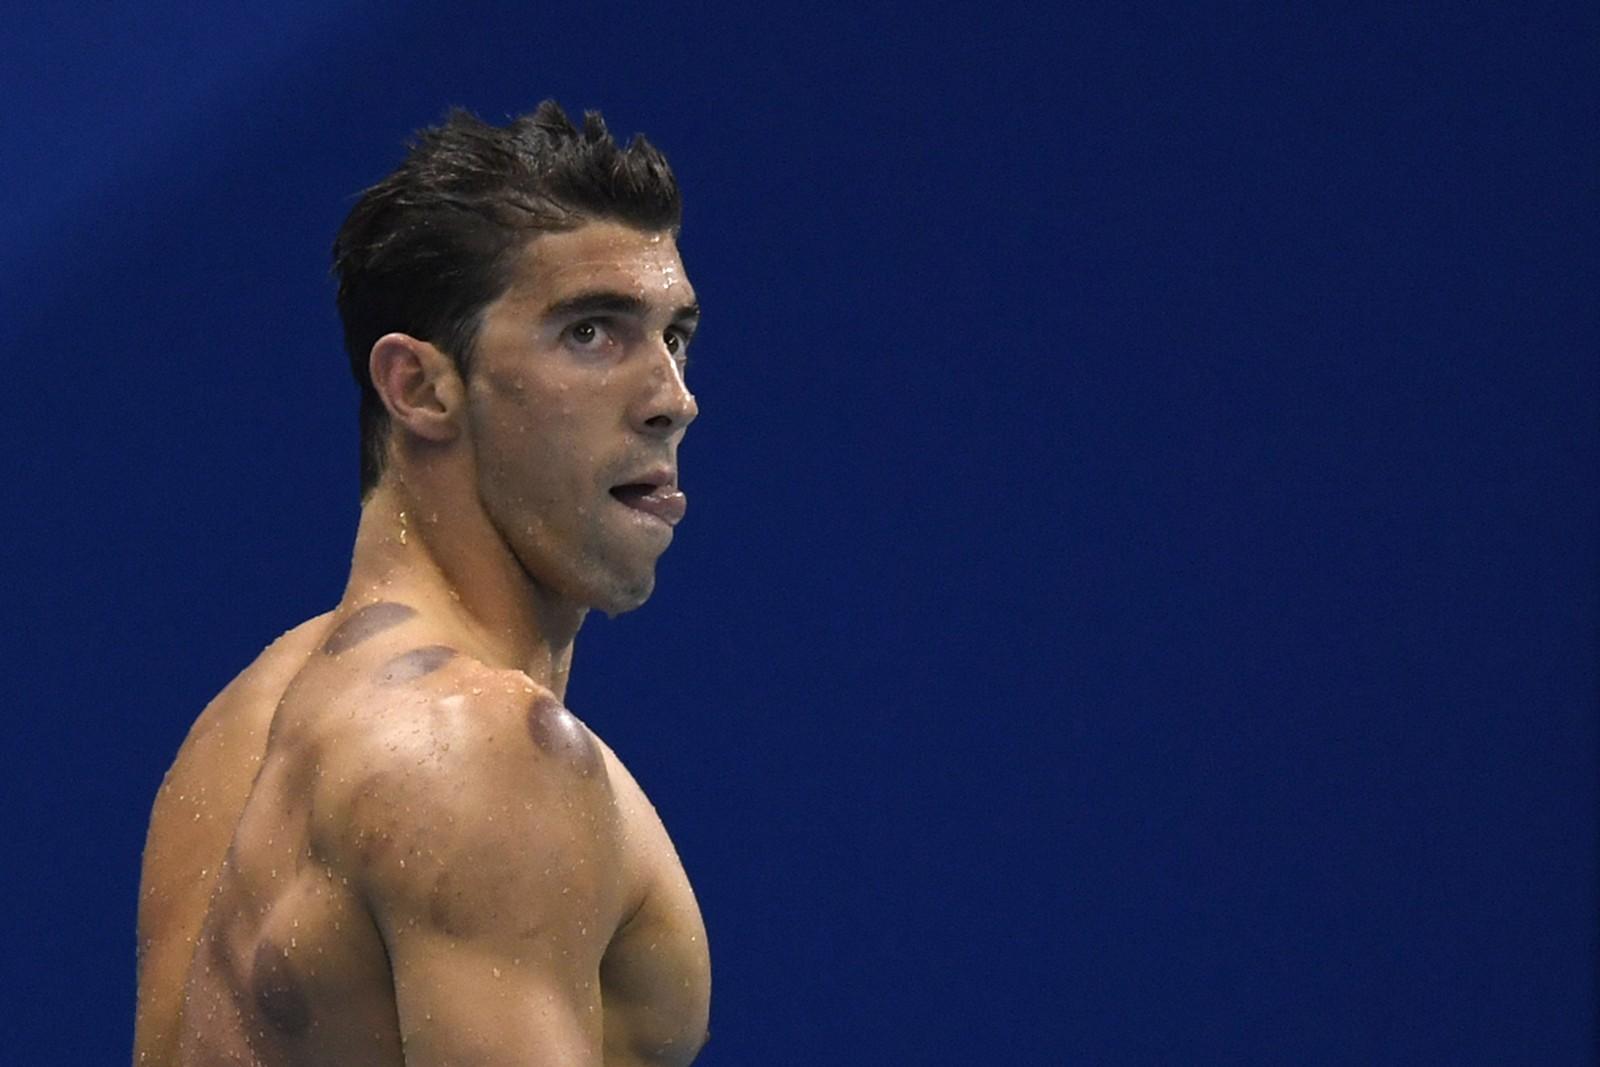 I løpet av to dager i OL-bassenget har Michael Phelps vist de fleste følelser i form av ansiktsuttrykk.